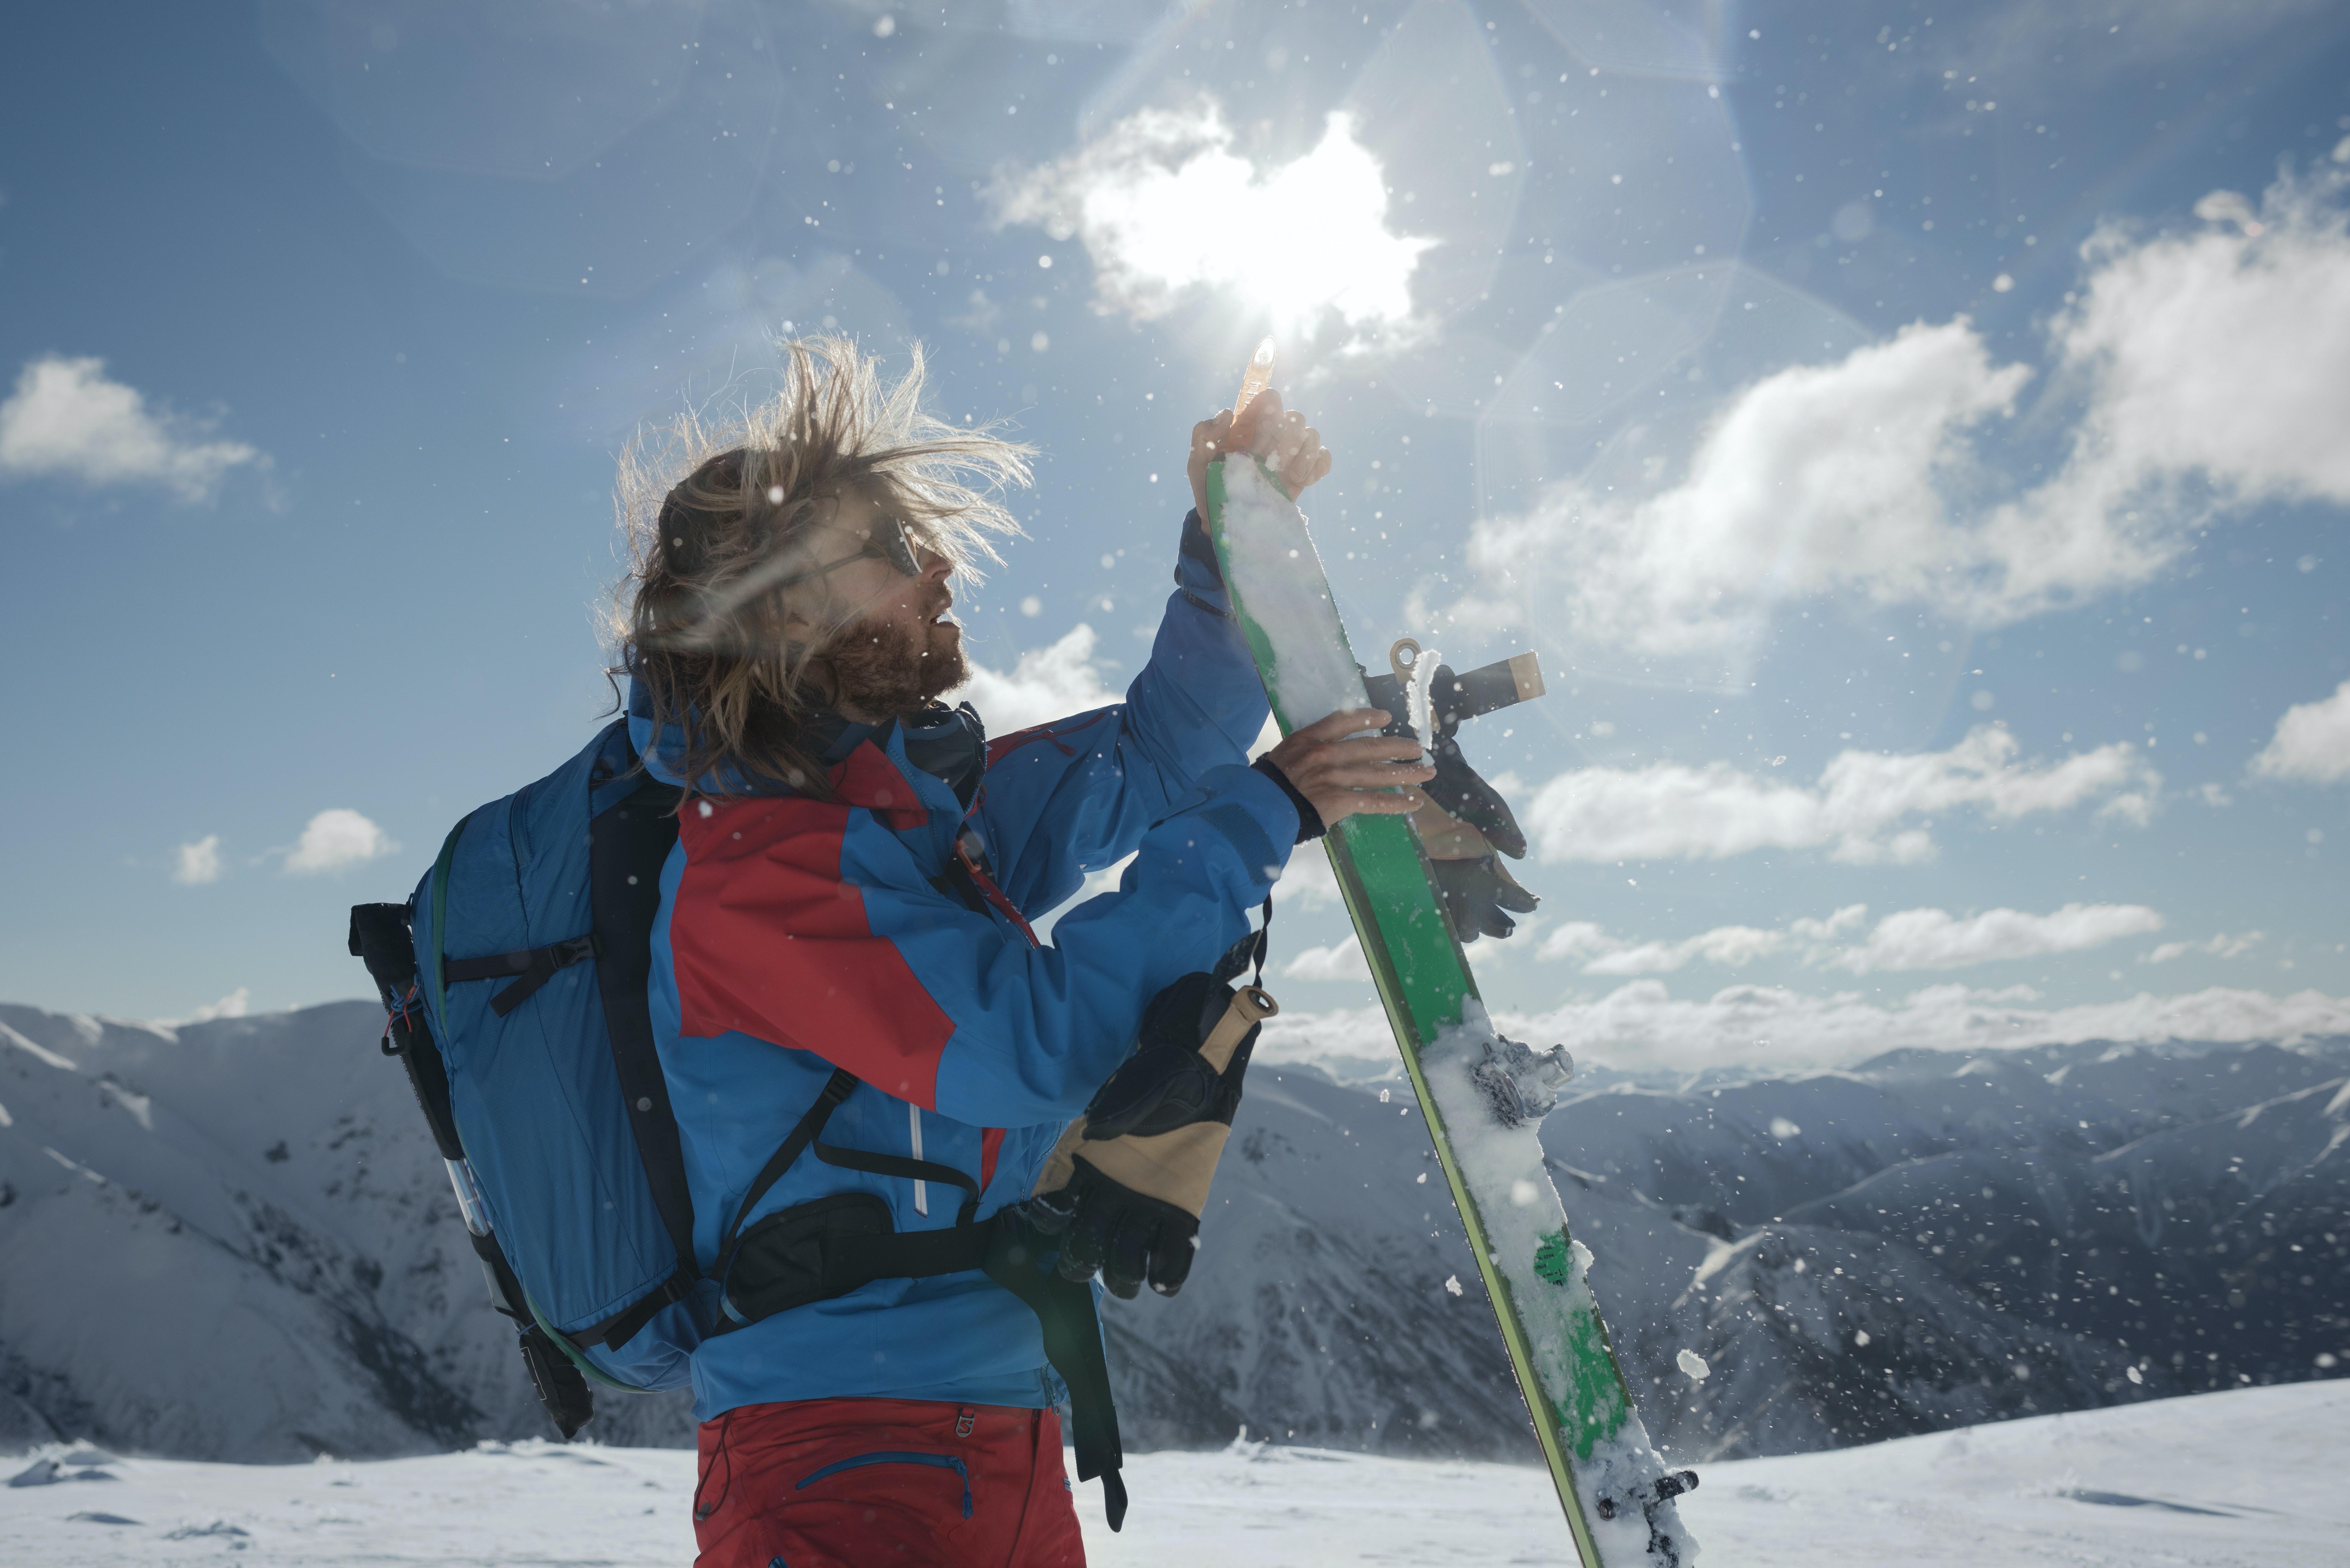 Snowboarder im Wintersportgebiet